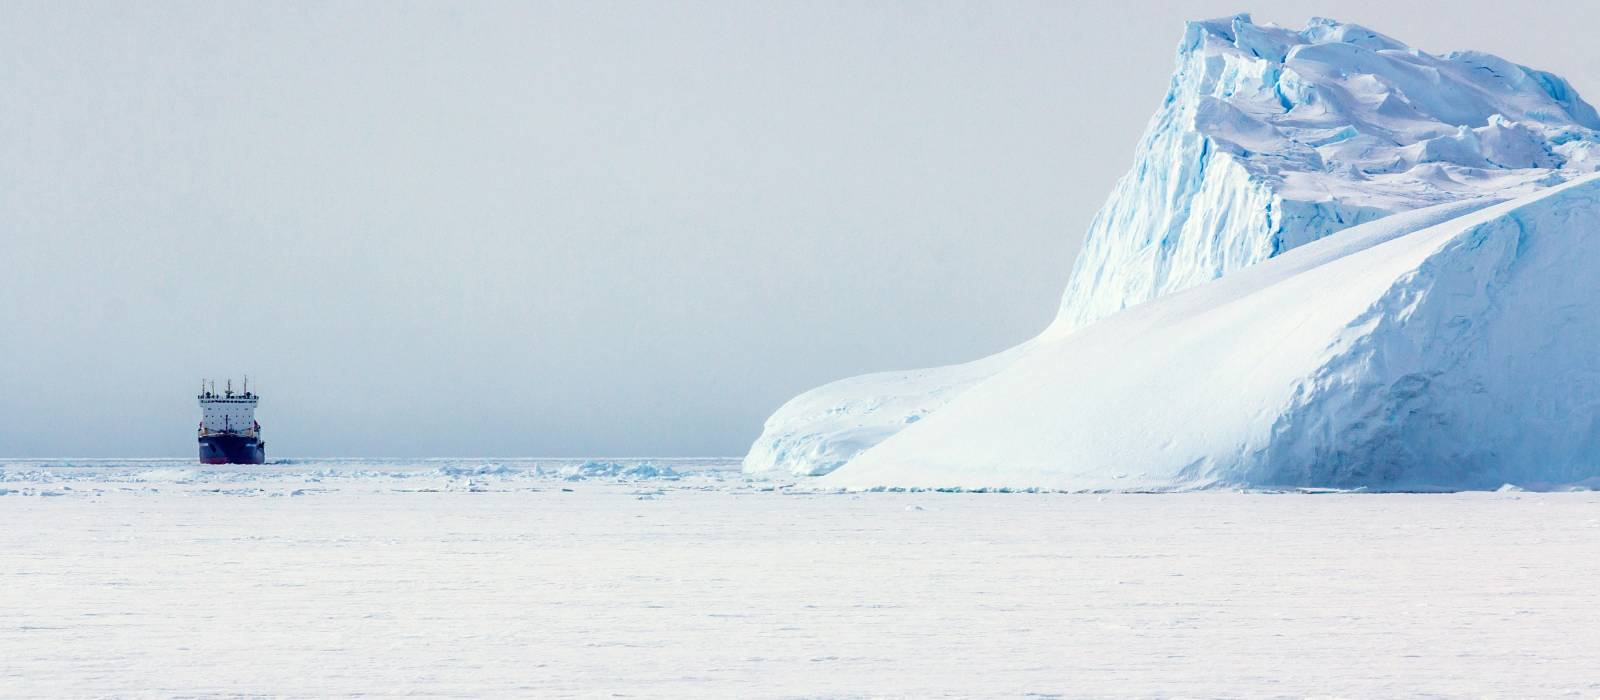 Antarktis-Expedition